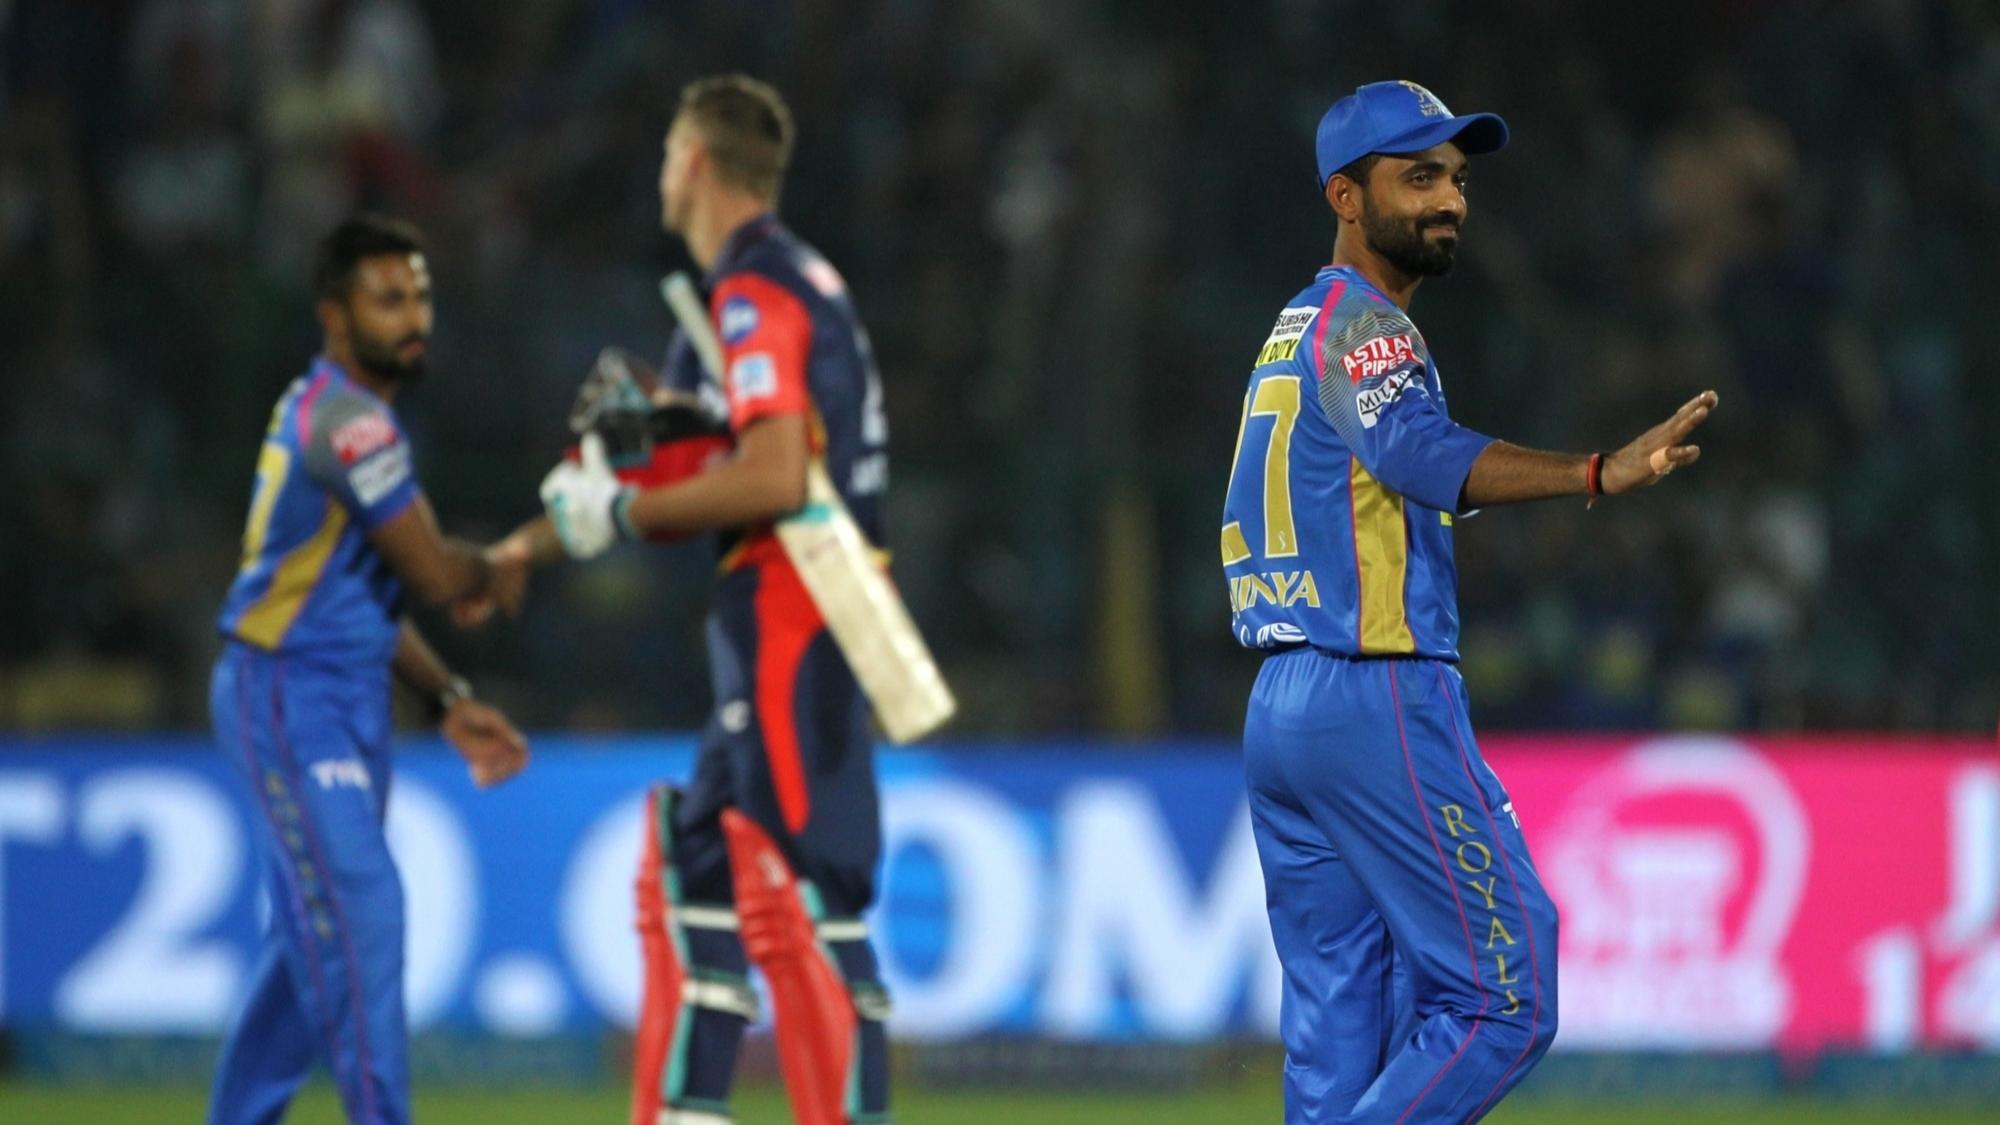 राजस्थान रॉयल्स ने चखा इस सीजन की पहली जीत का स्वाद